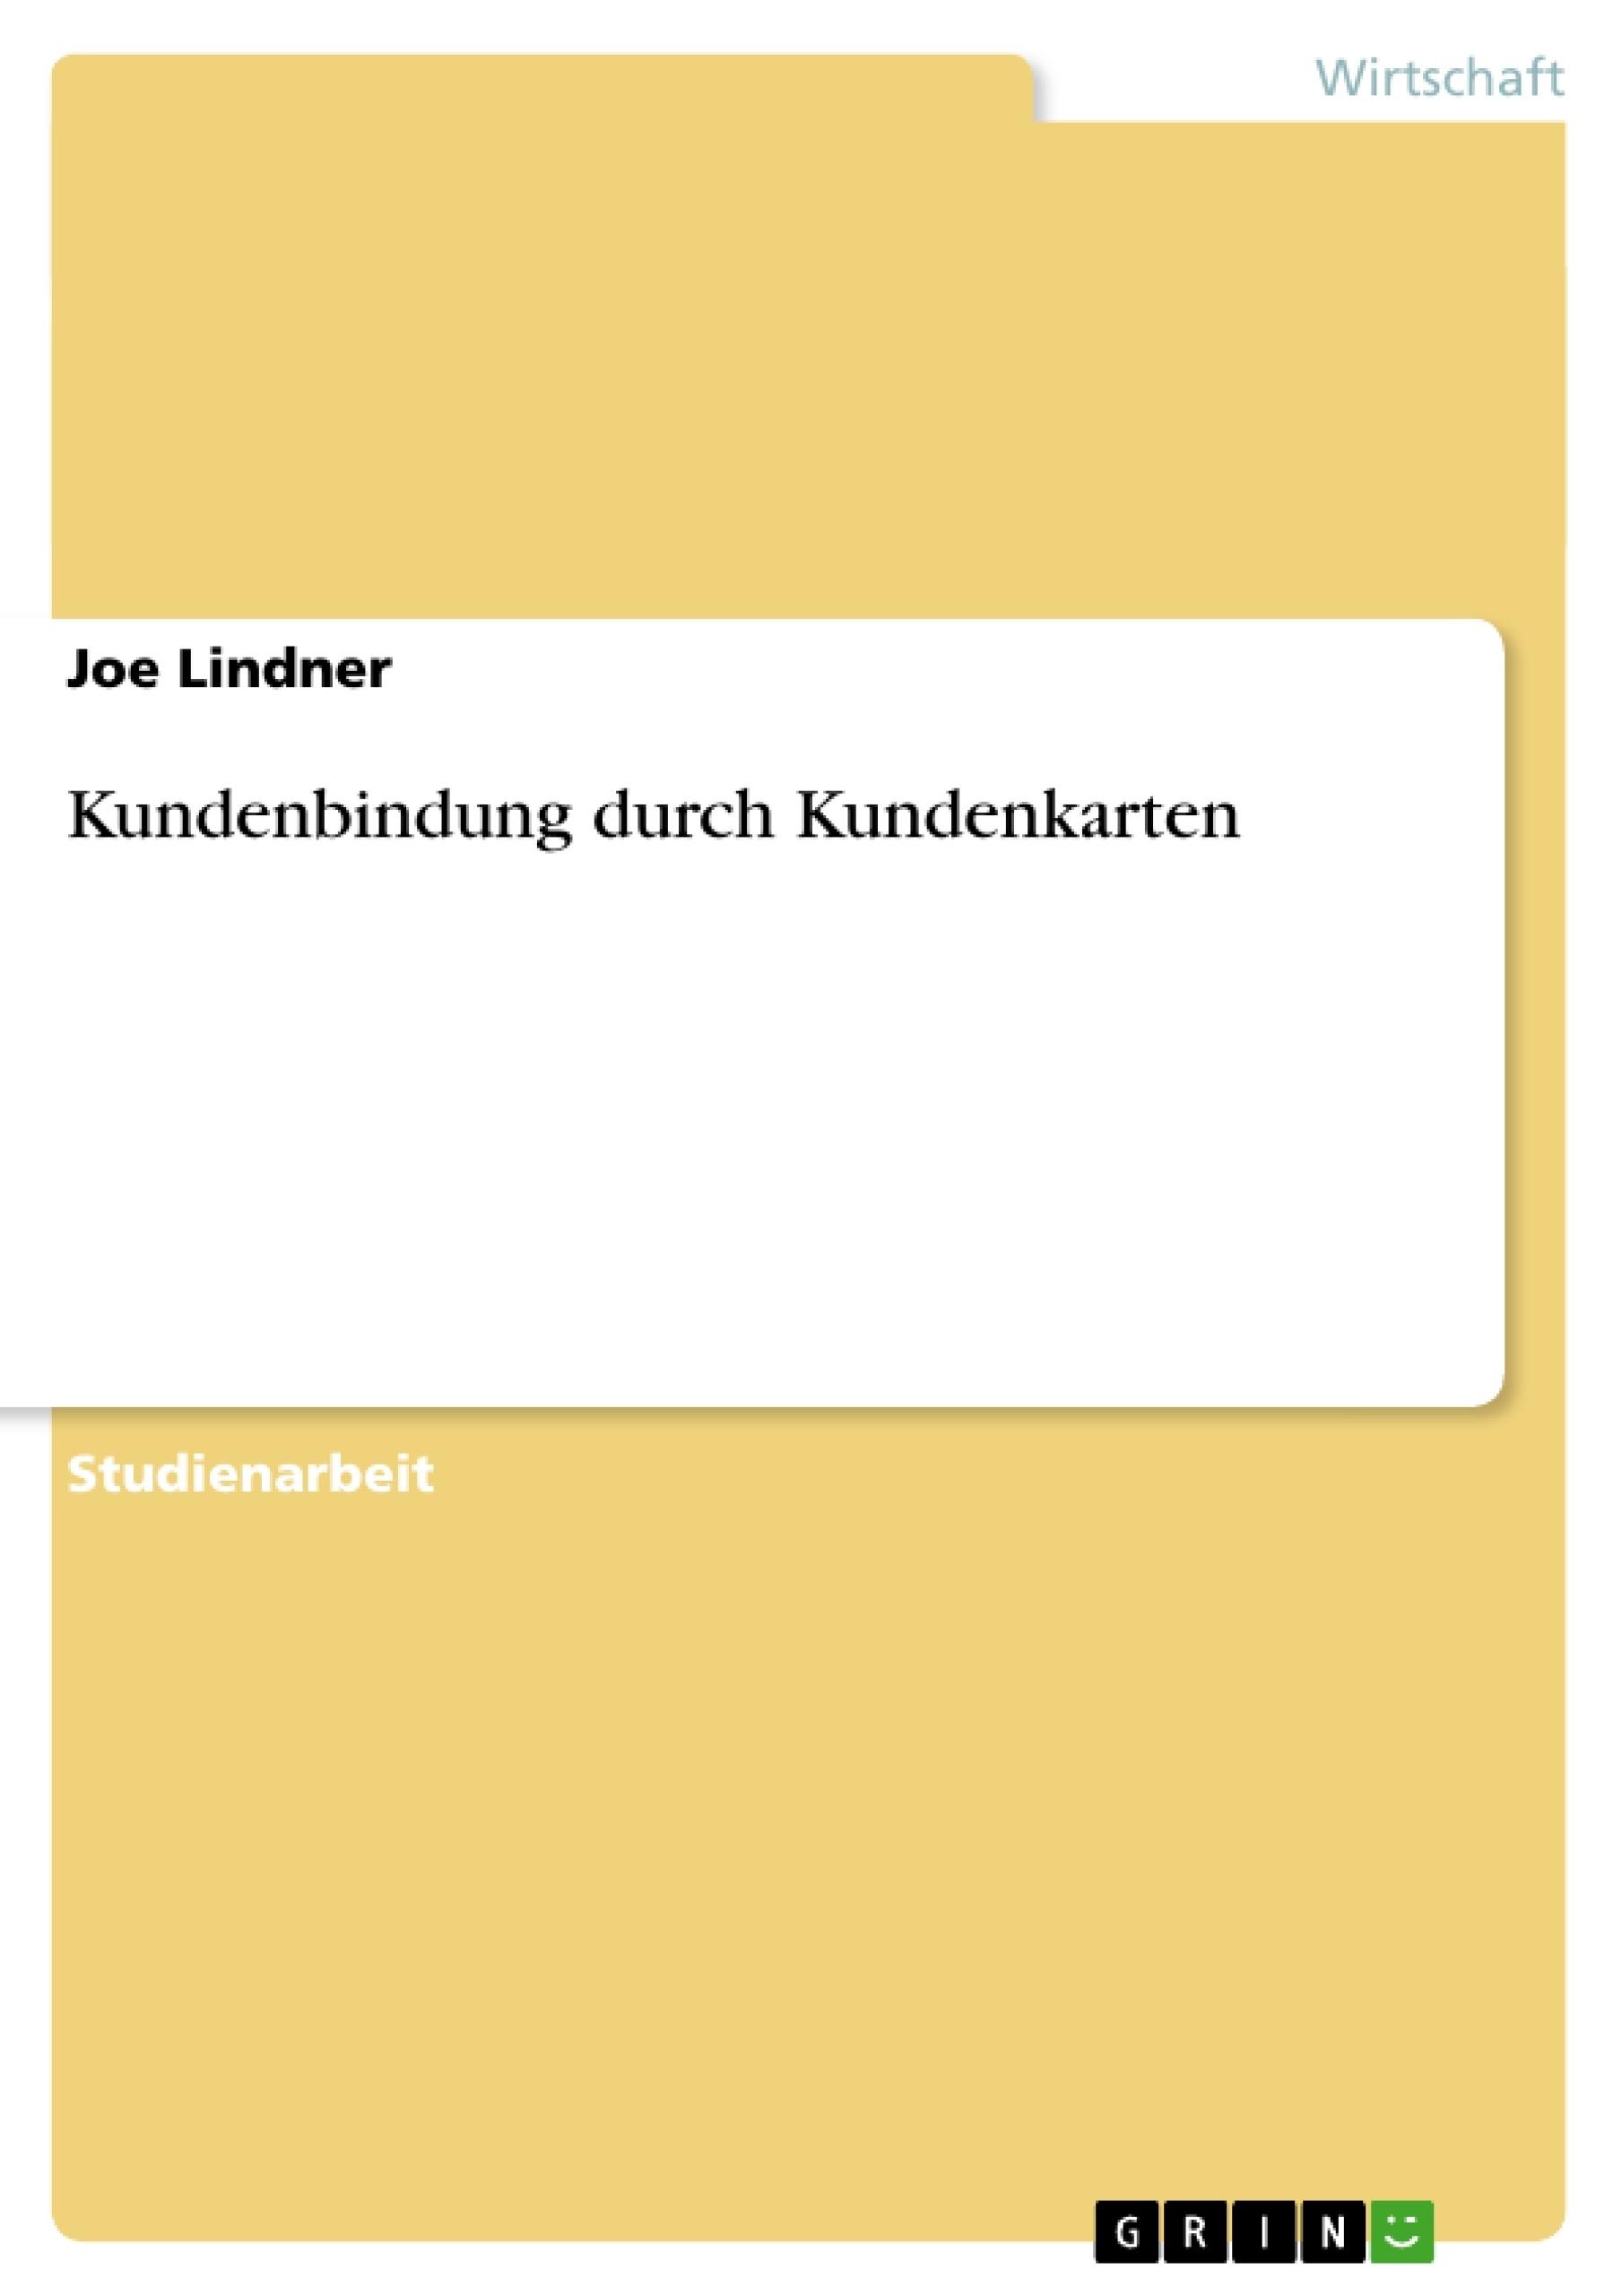 Titel: Kundenbindung durch Kundenkarten